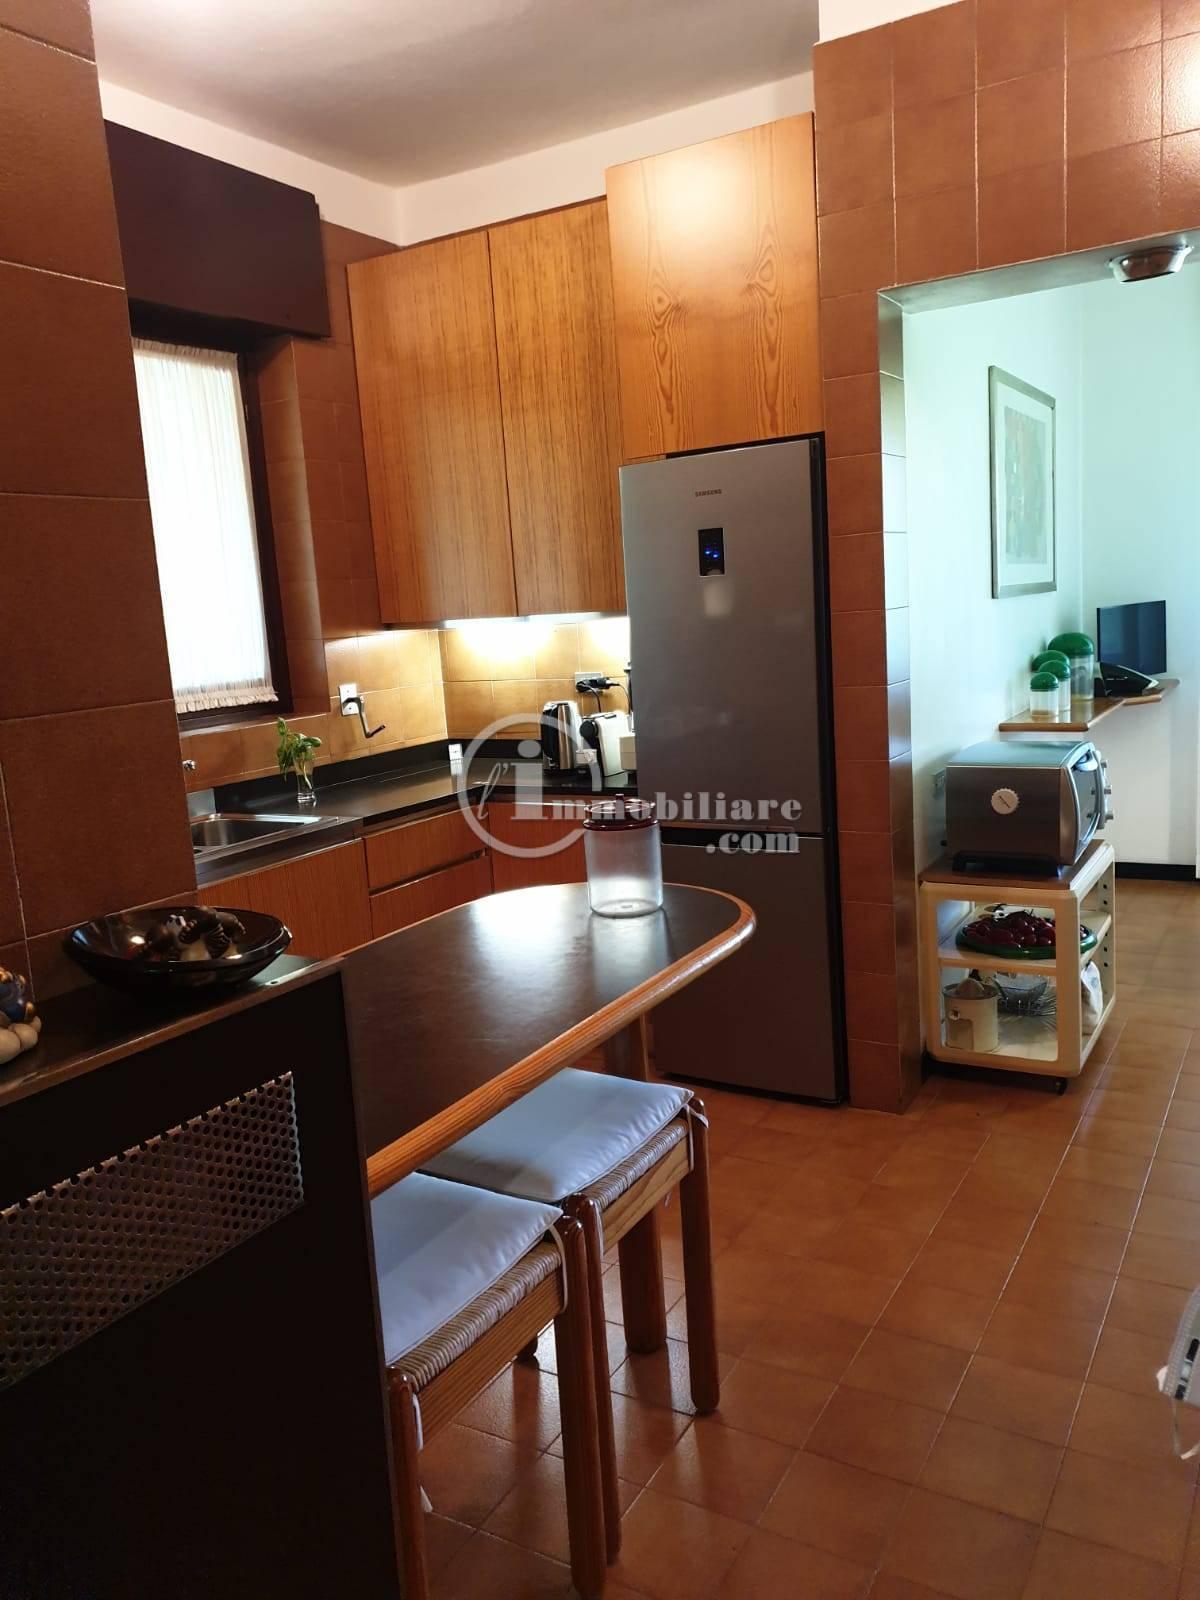 Villa in Vendita a Trezzano Sul Naviglio: 5 locali, 280 mq - Foto 23